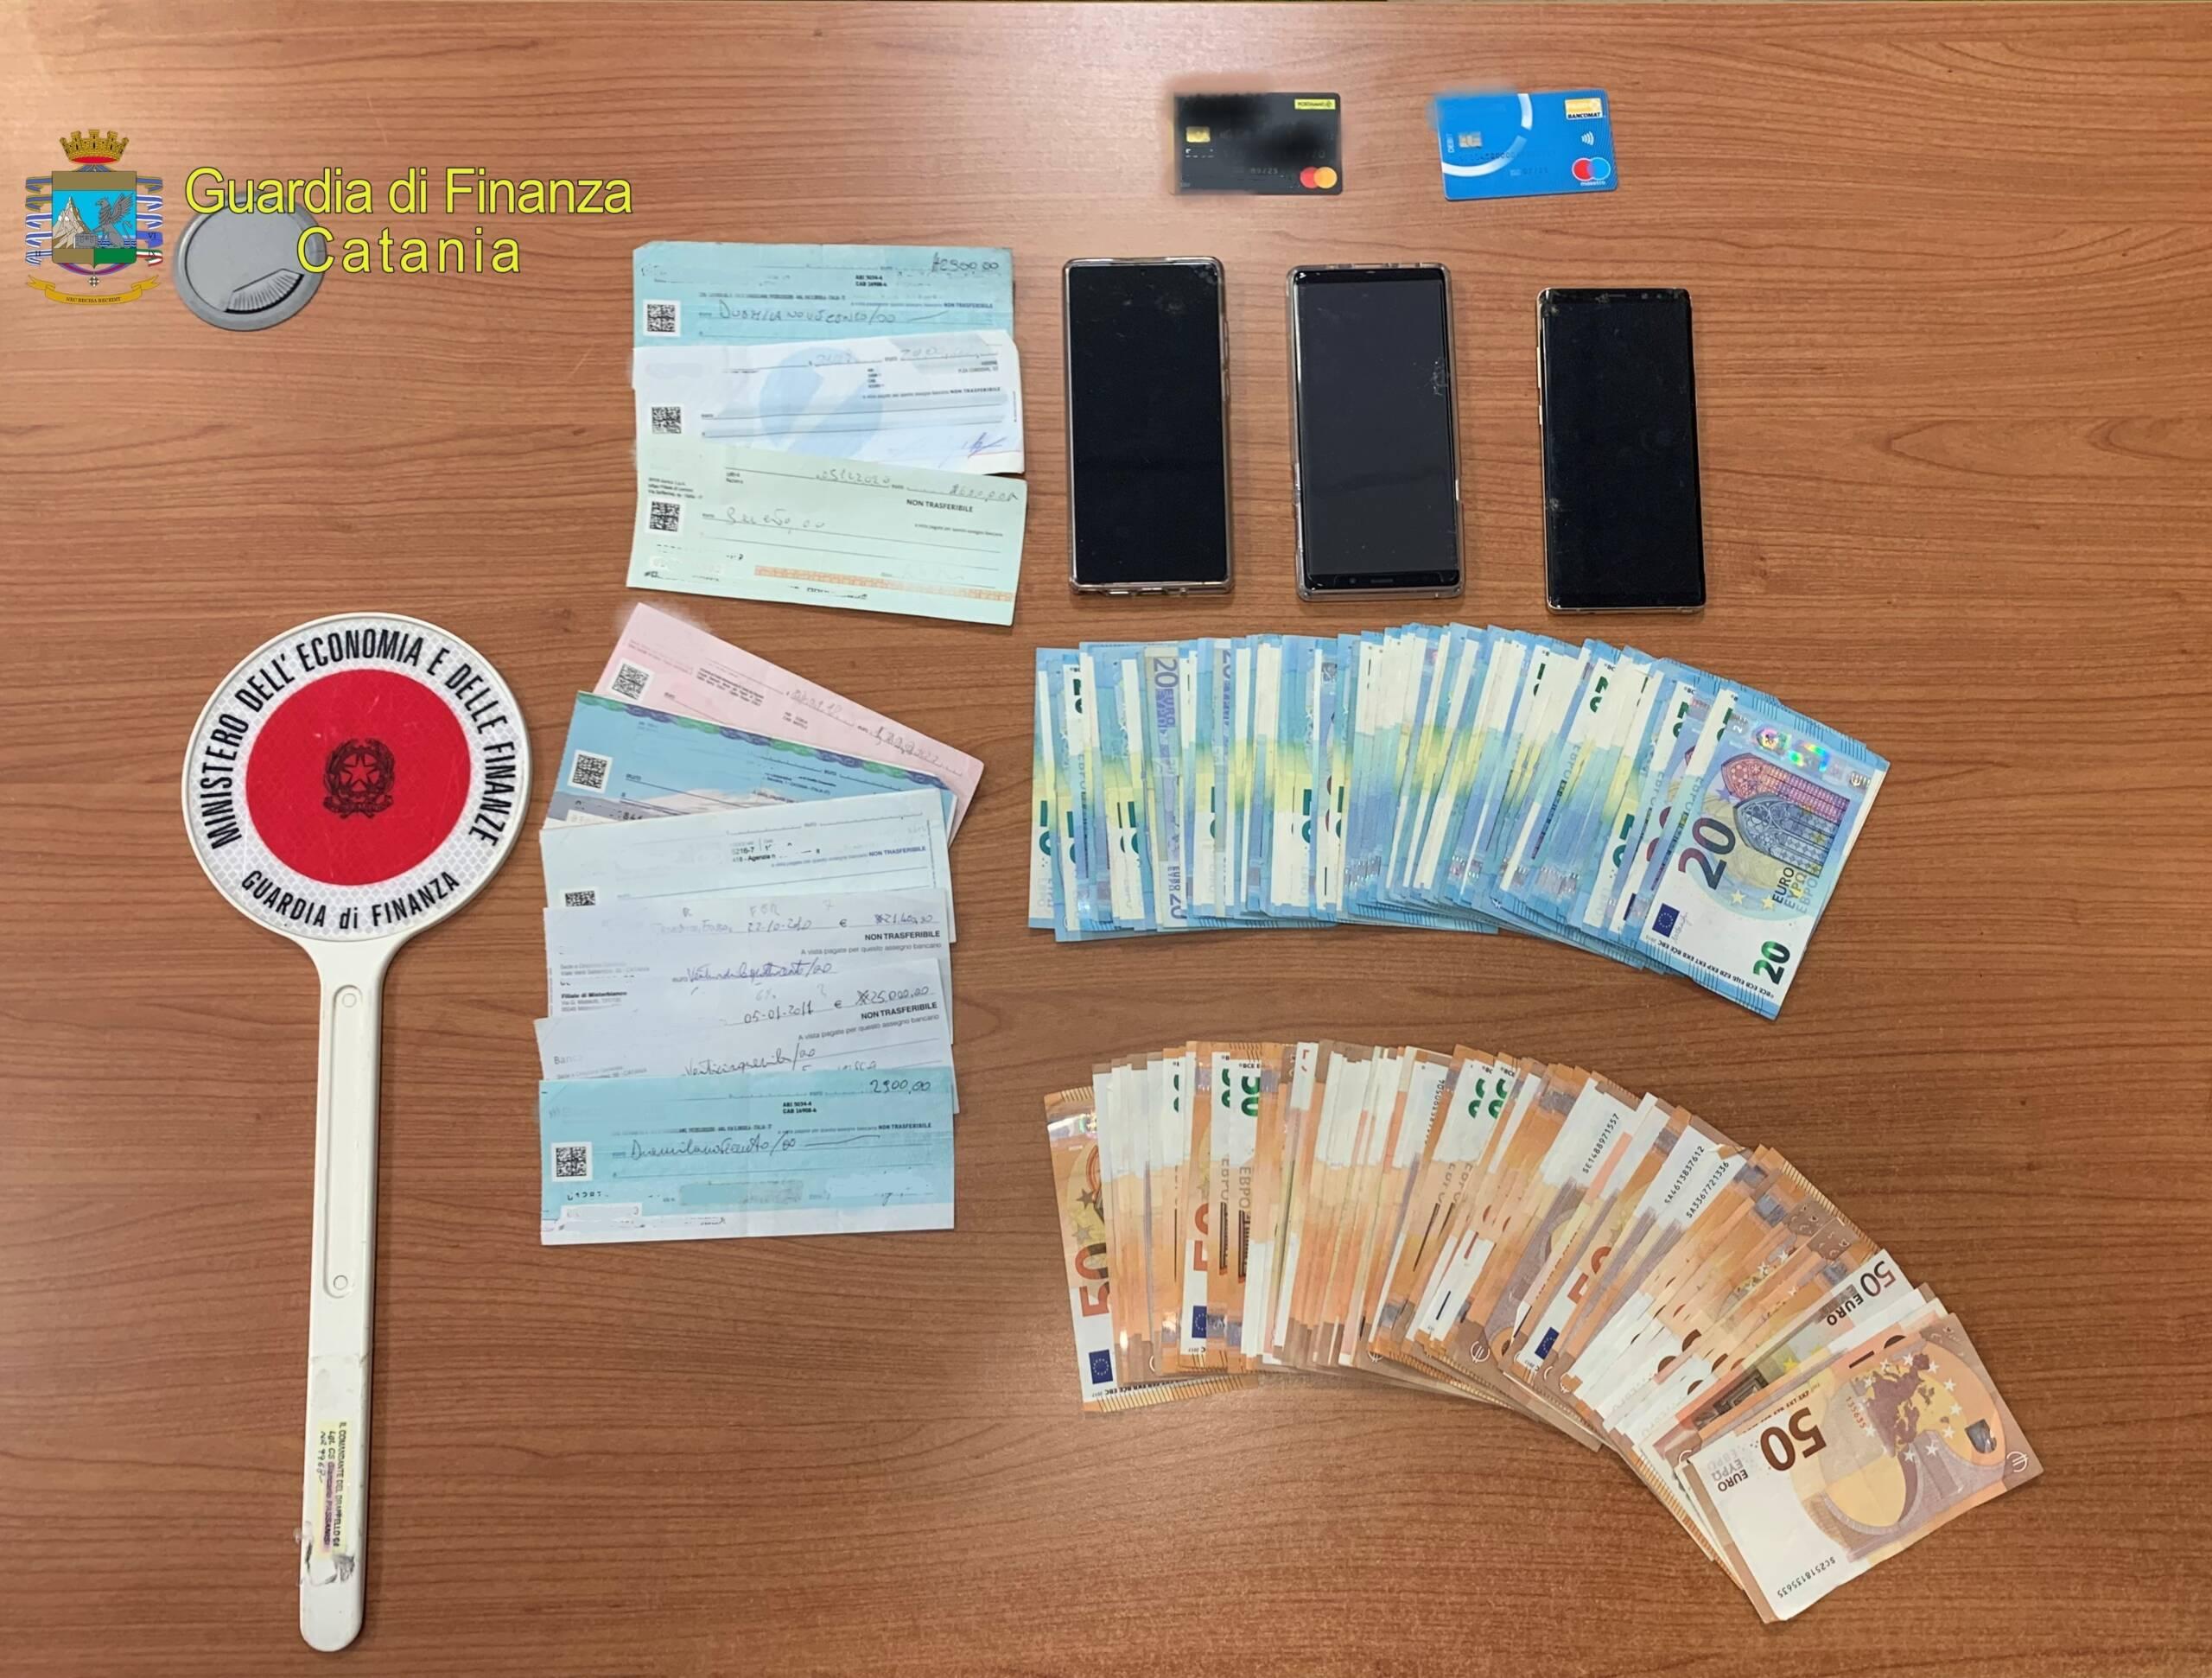 Imprenditore catanese vittima dell'usura: in manette Francesco Caccamo, l'arresto al pagamento dell'ultima rata